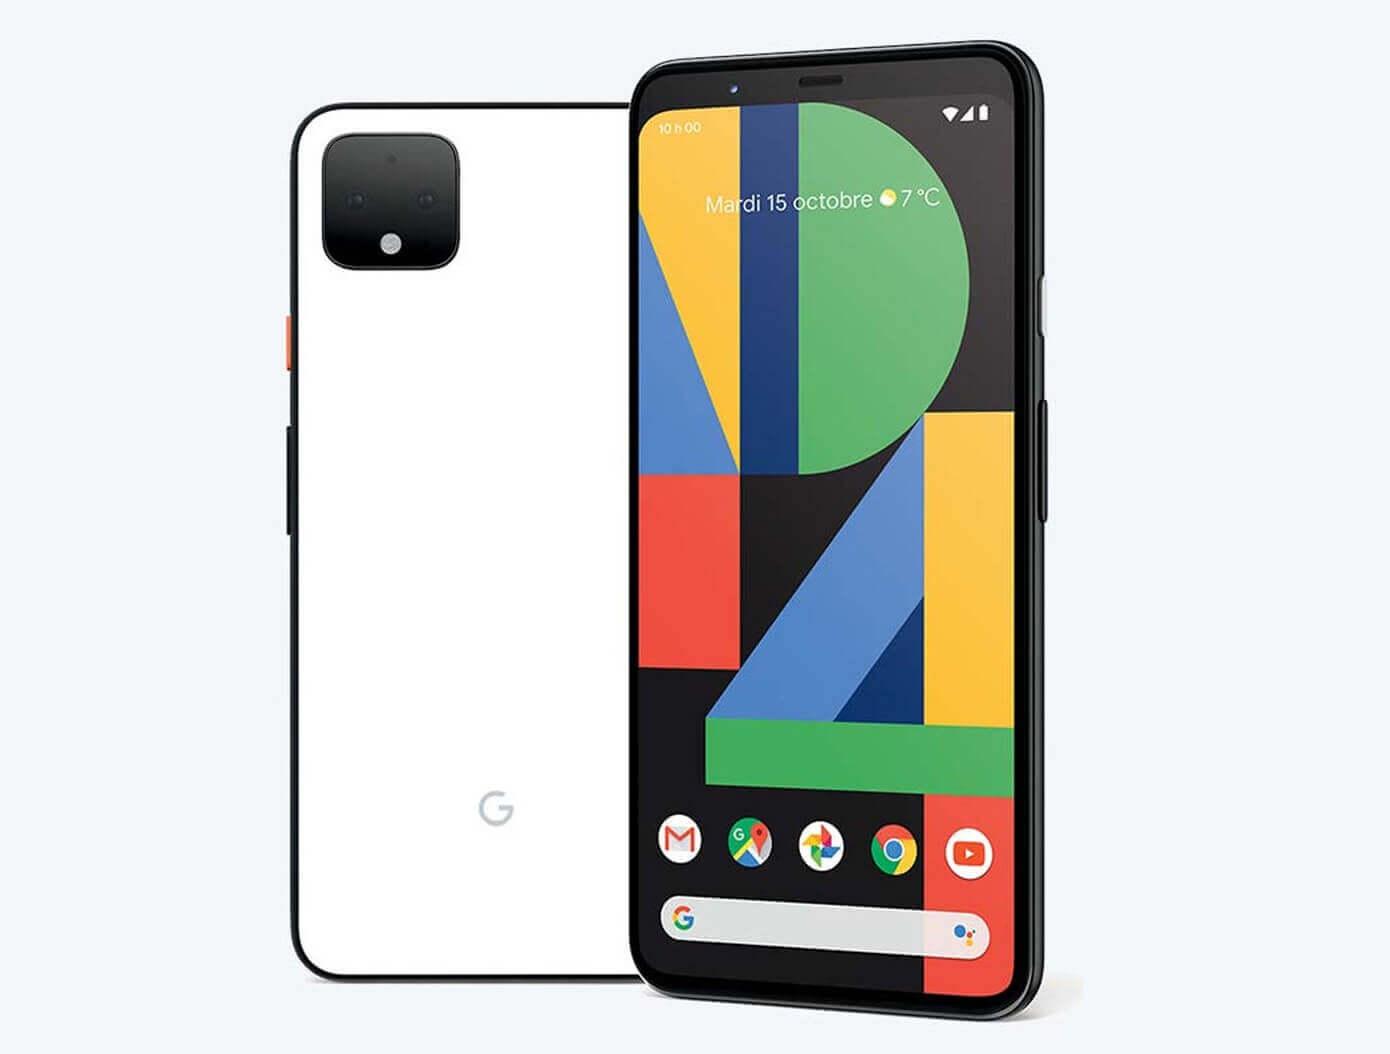 Google Pixel 4 image